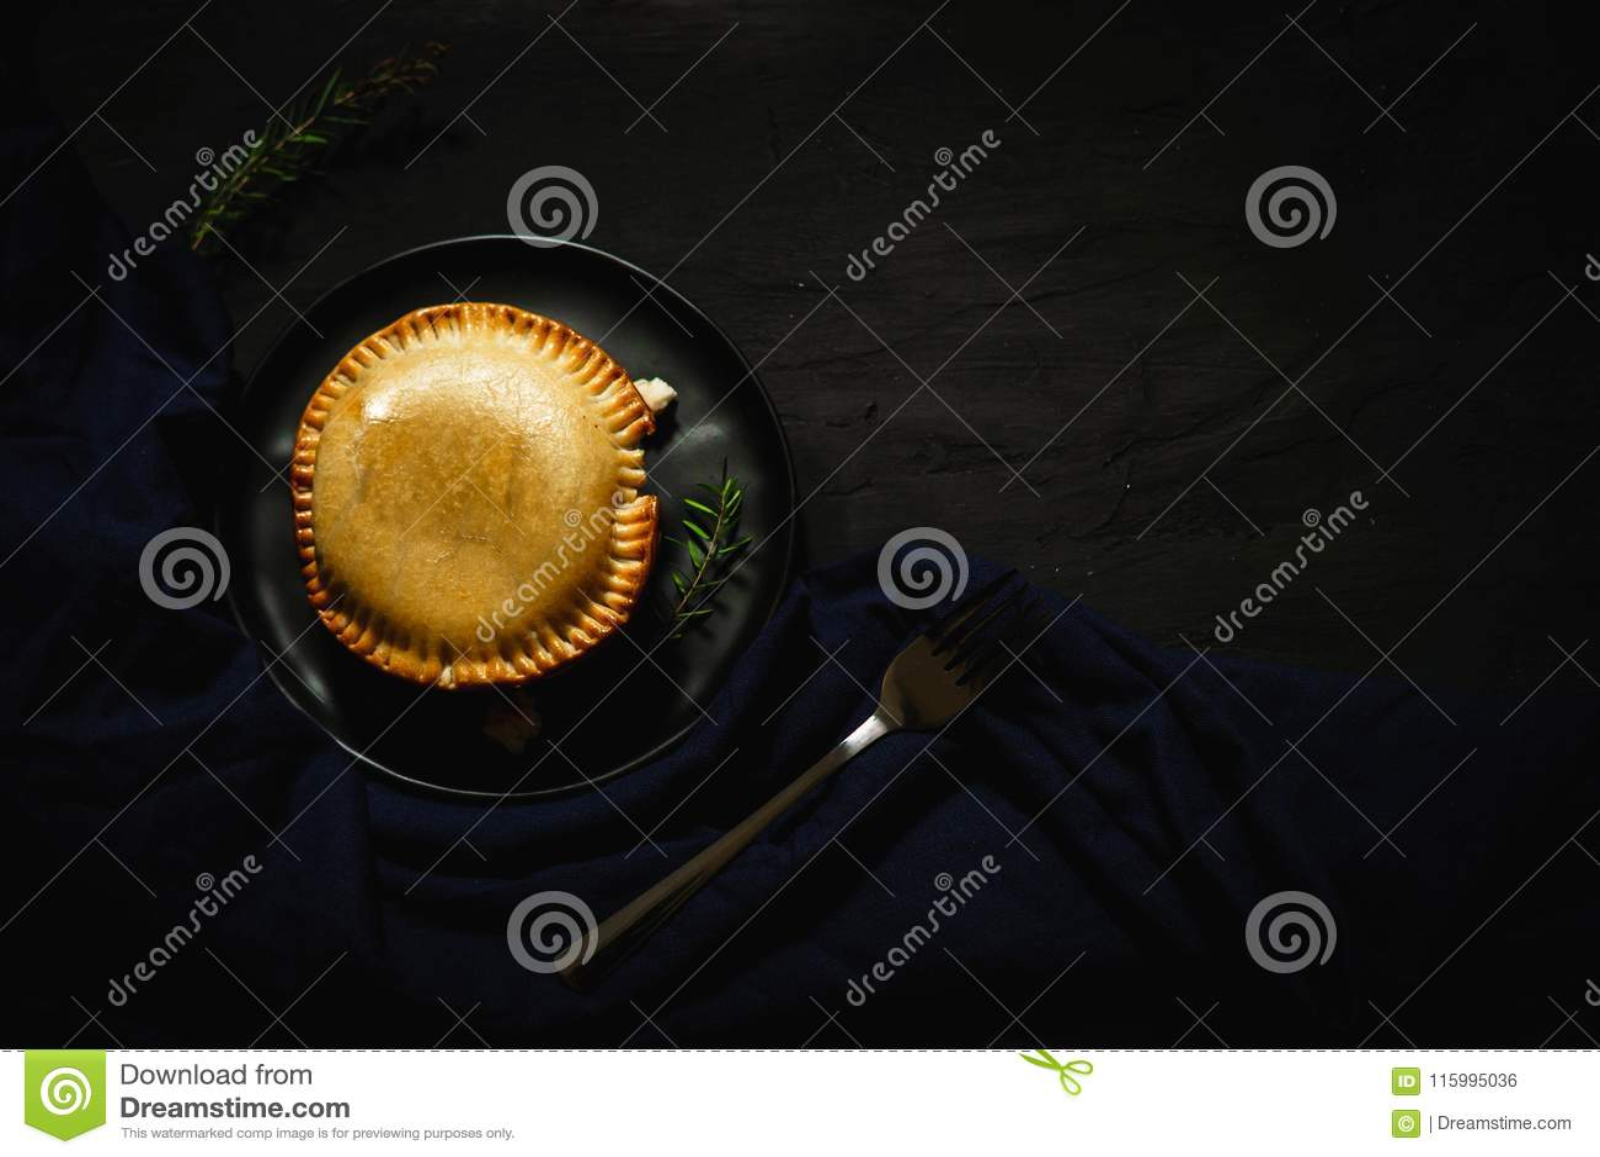 International puff and pie, Chicken pie, round and golden baked pie